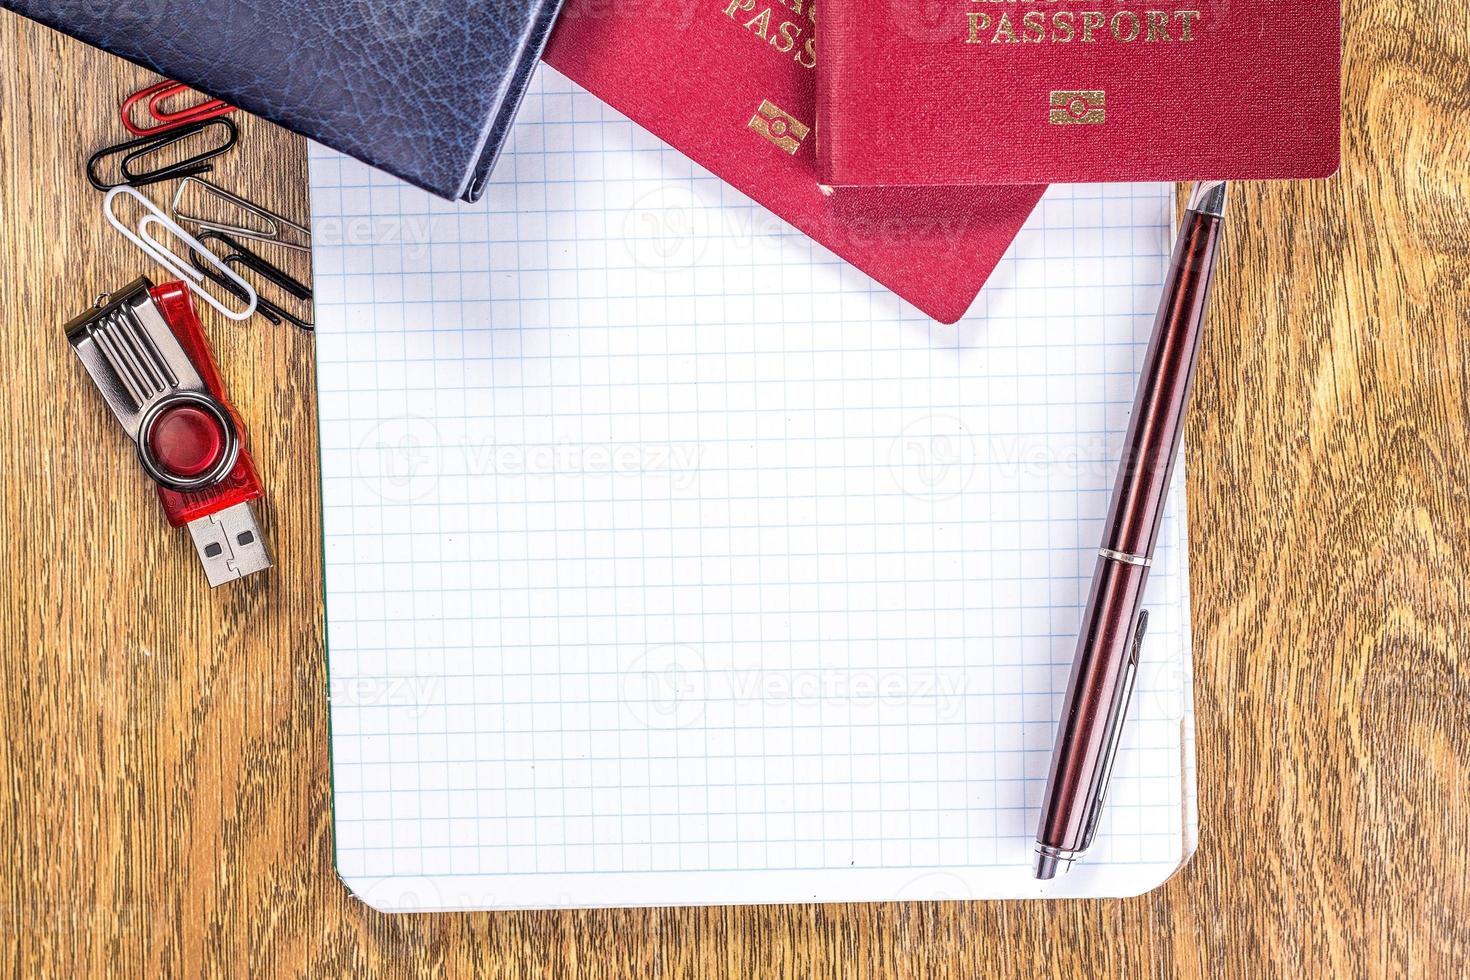 cahier ouvert sur une page blanche sur fond de bureau en bois photo